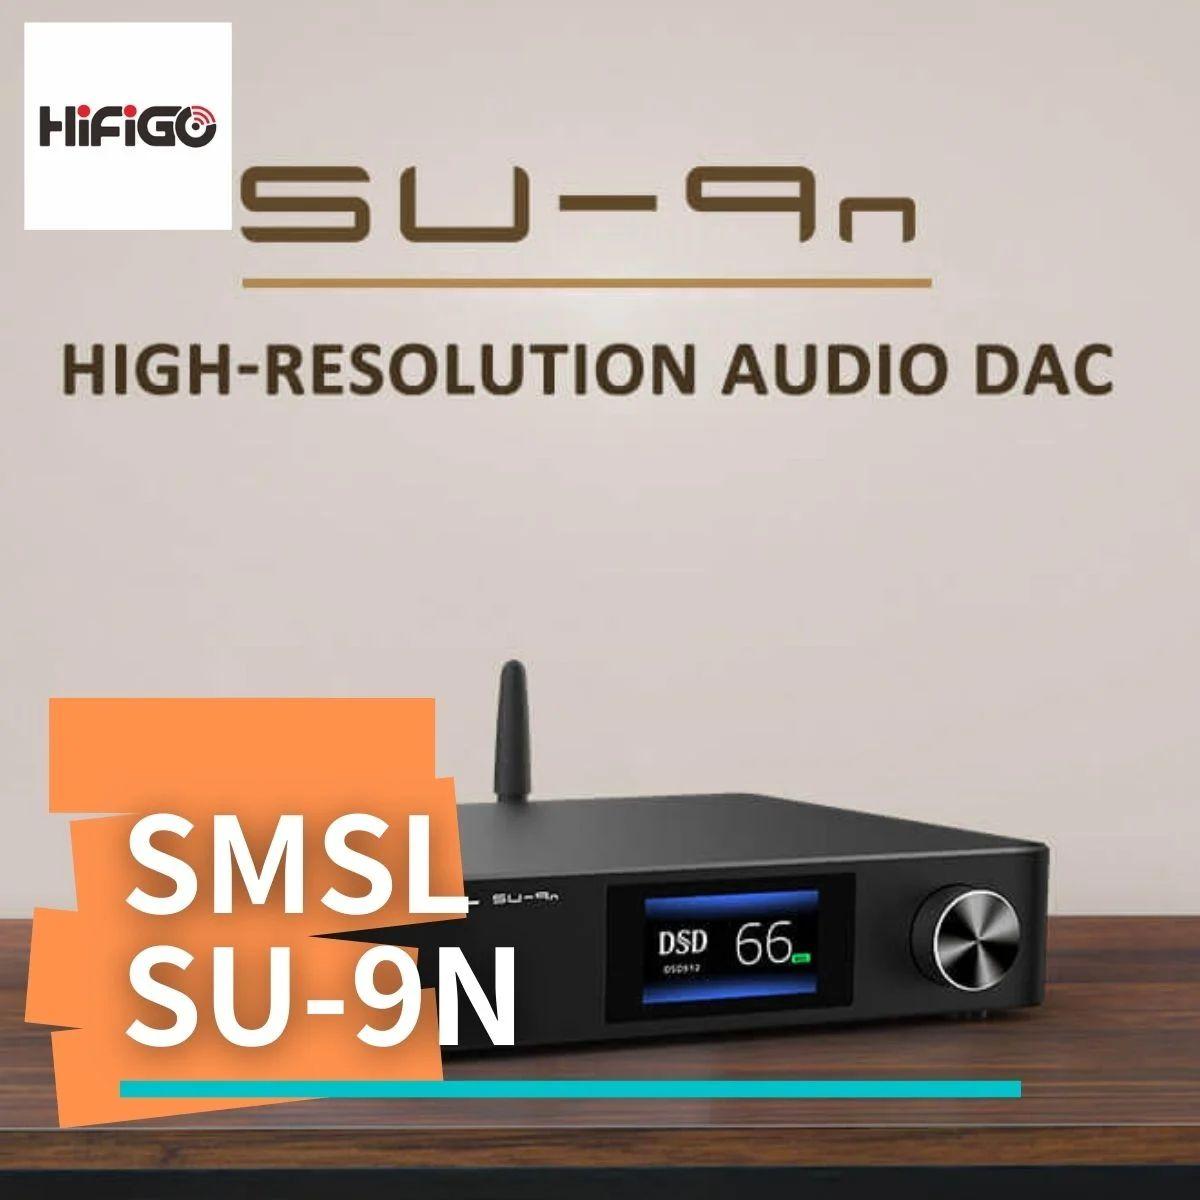 【HiFiGOニュース】SMSL SU-9n:最新フラッグシップ・デスクトップDACのスリムアップモデル